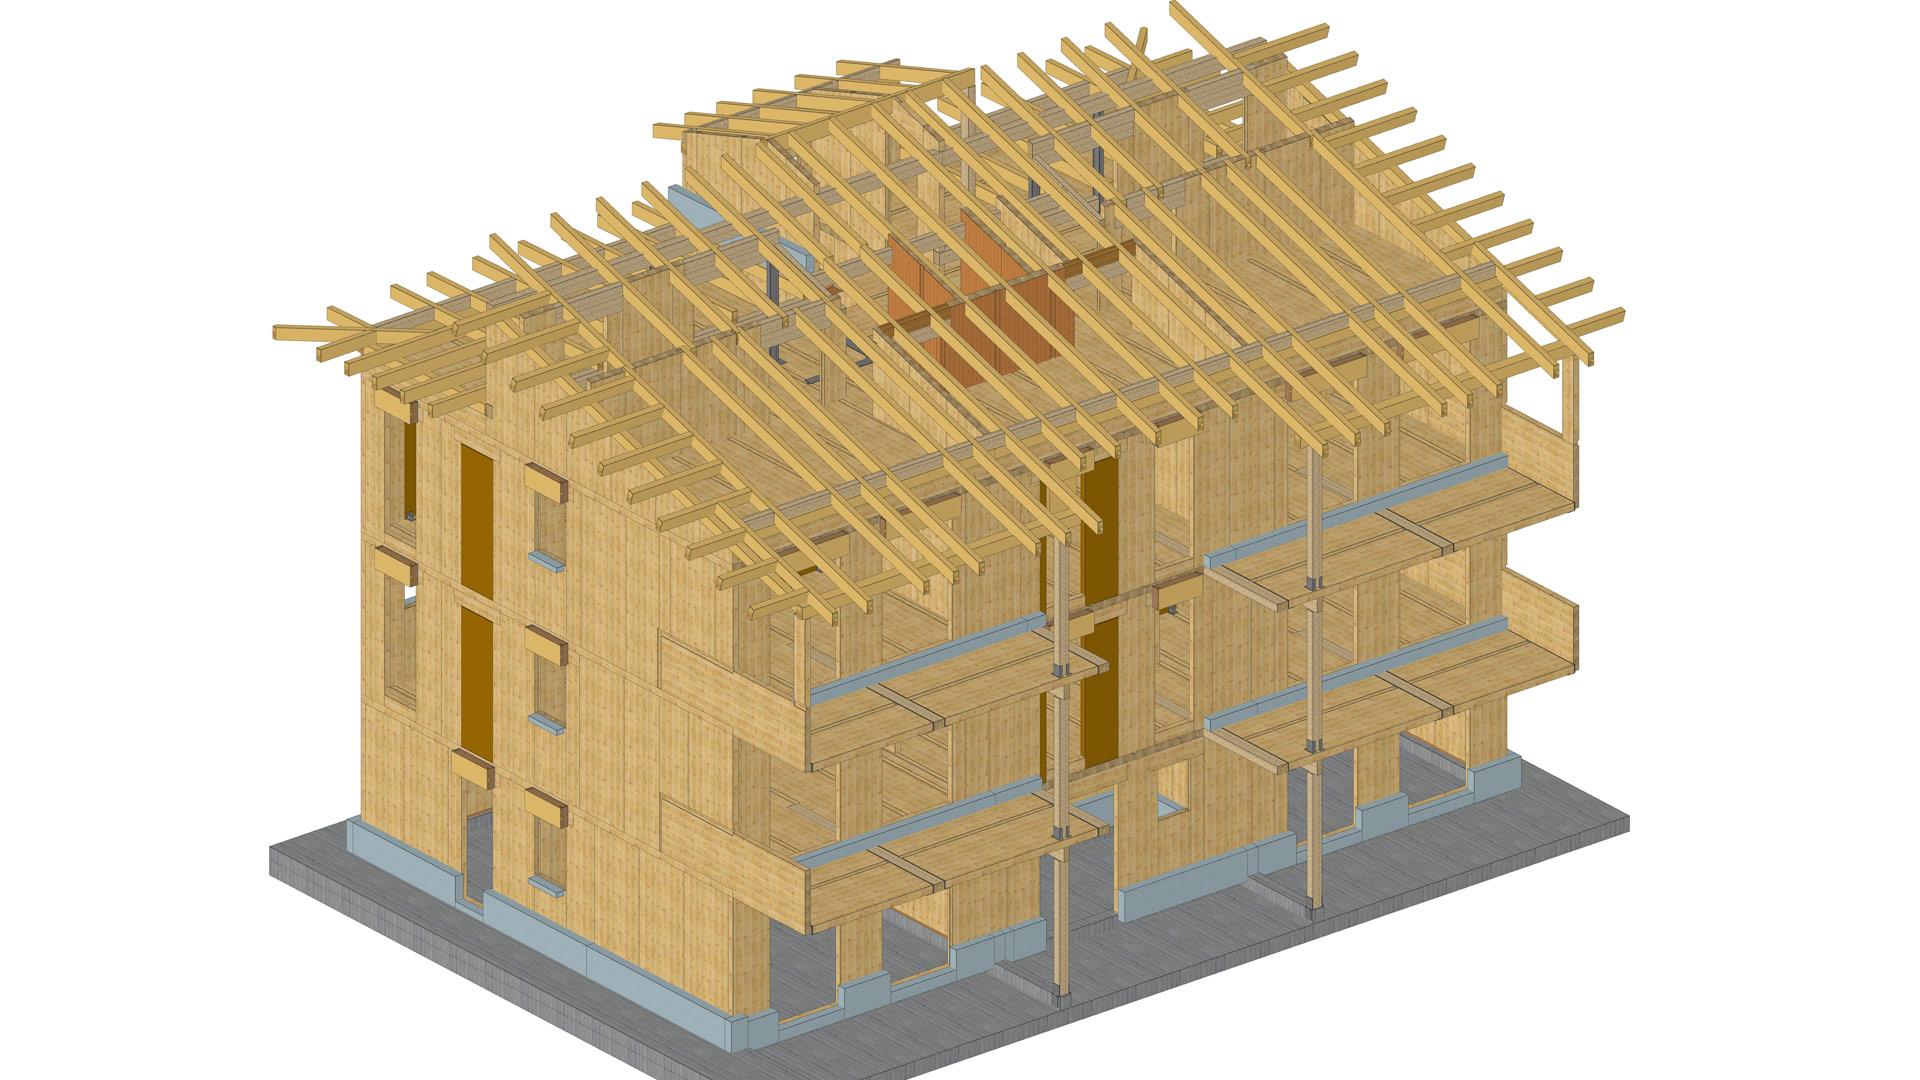 Palazzine legno xlam a fossano cuneo cohousing sociale for Case legno xlam